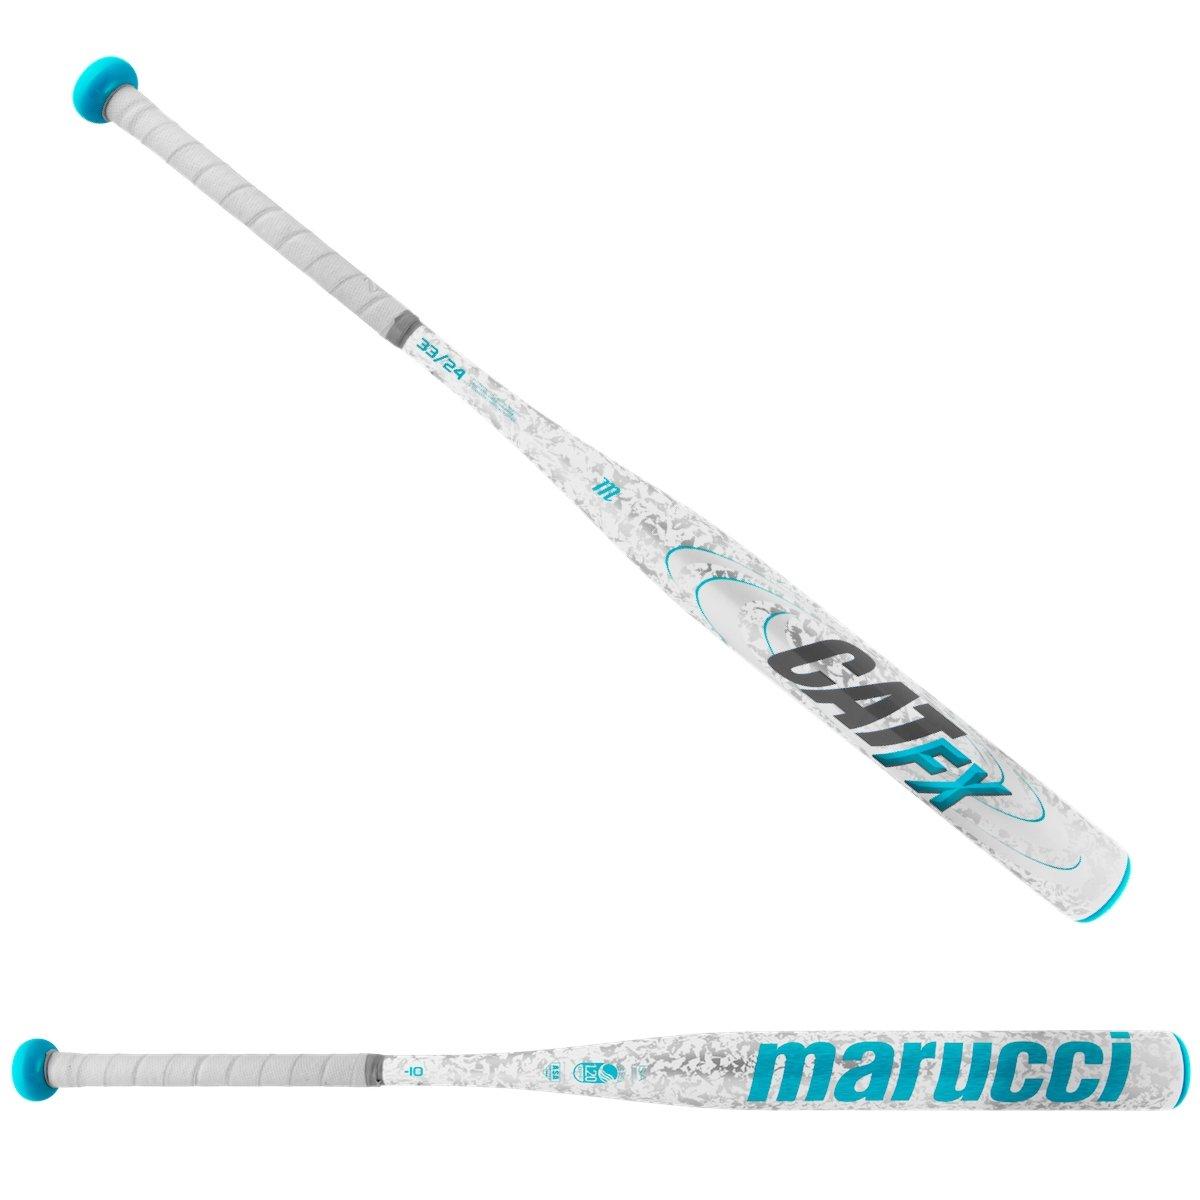 Marucci mfpc710 B0757WGML131 inch/21 oz